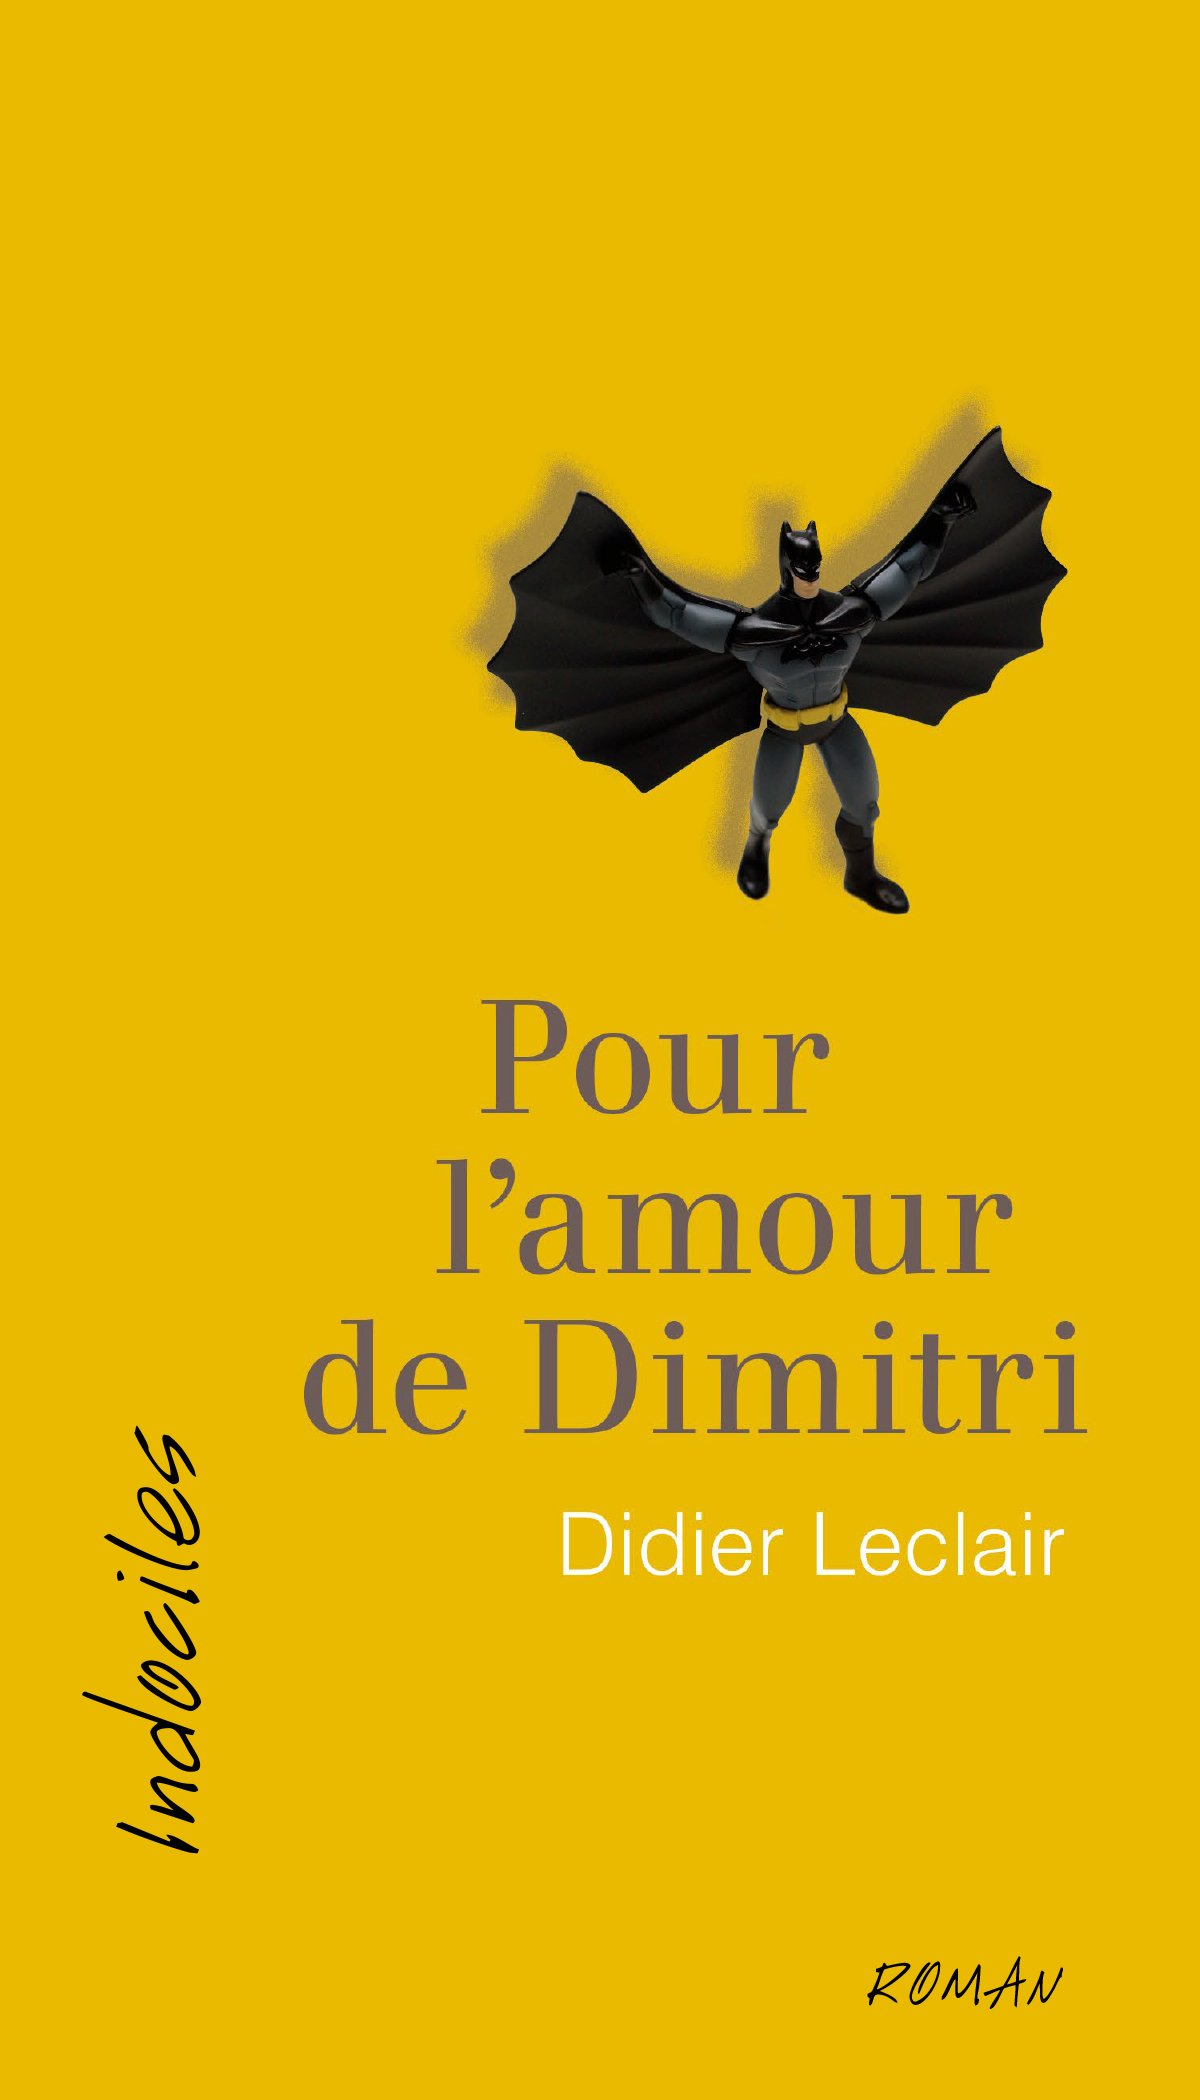 Couverture : Pour l'amour de Dimitri Didier Leclair